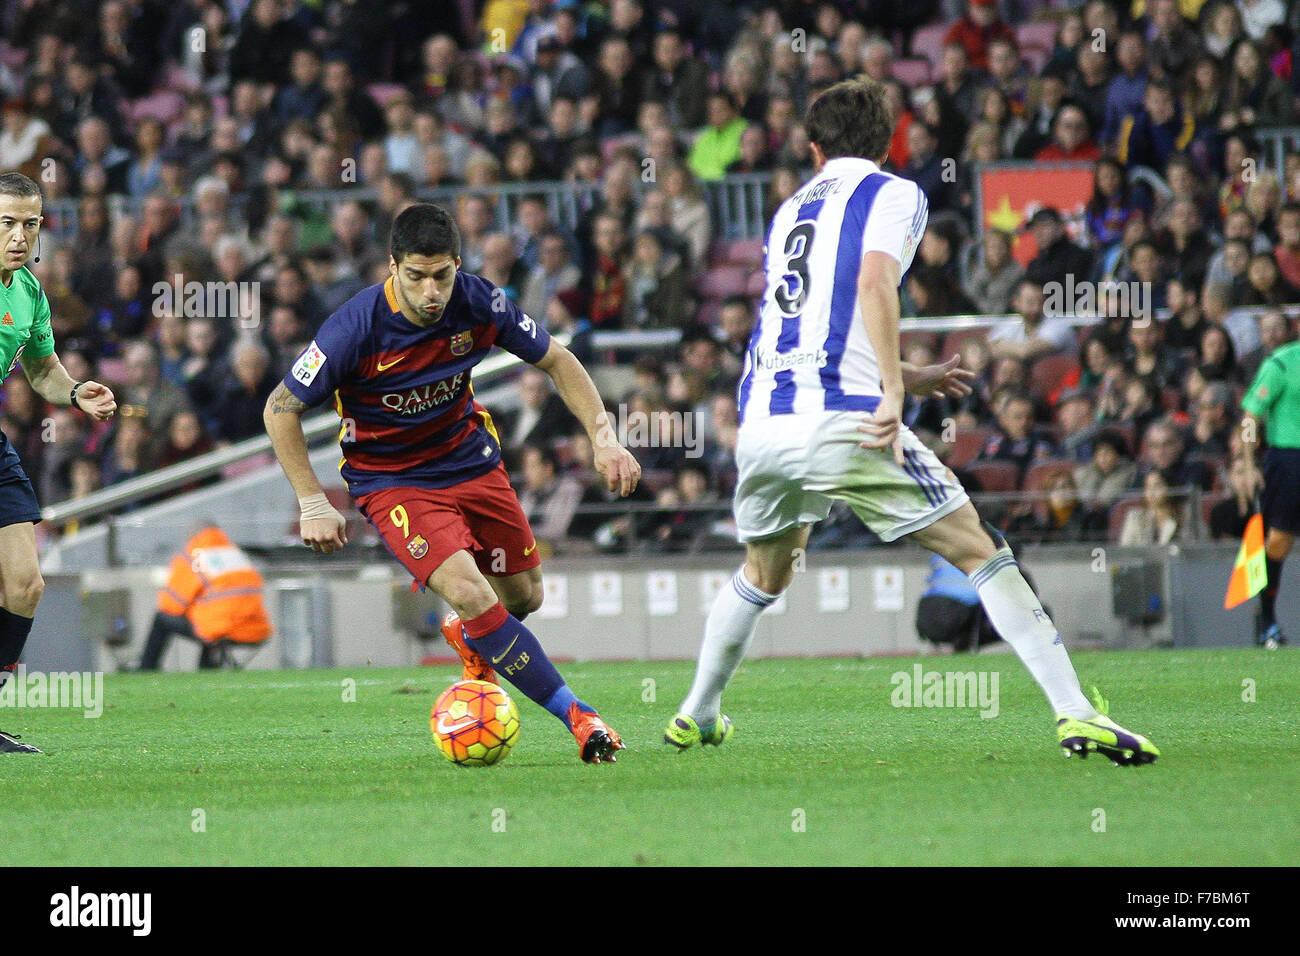 Nou Camp, Barcelona, Spain. 28th Nov, 2015. La Liga. Barcelona versus Real Sociedad. Suarez challenged by Mikel - Stock Image